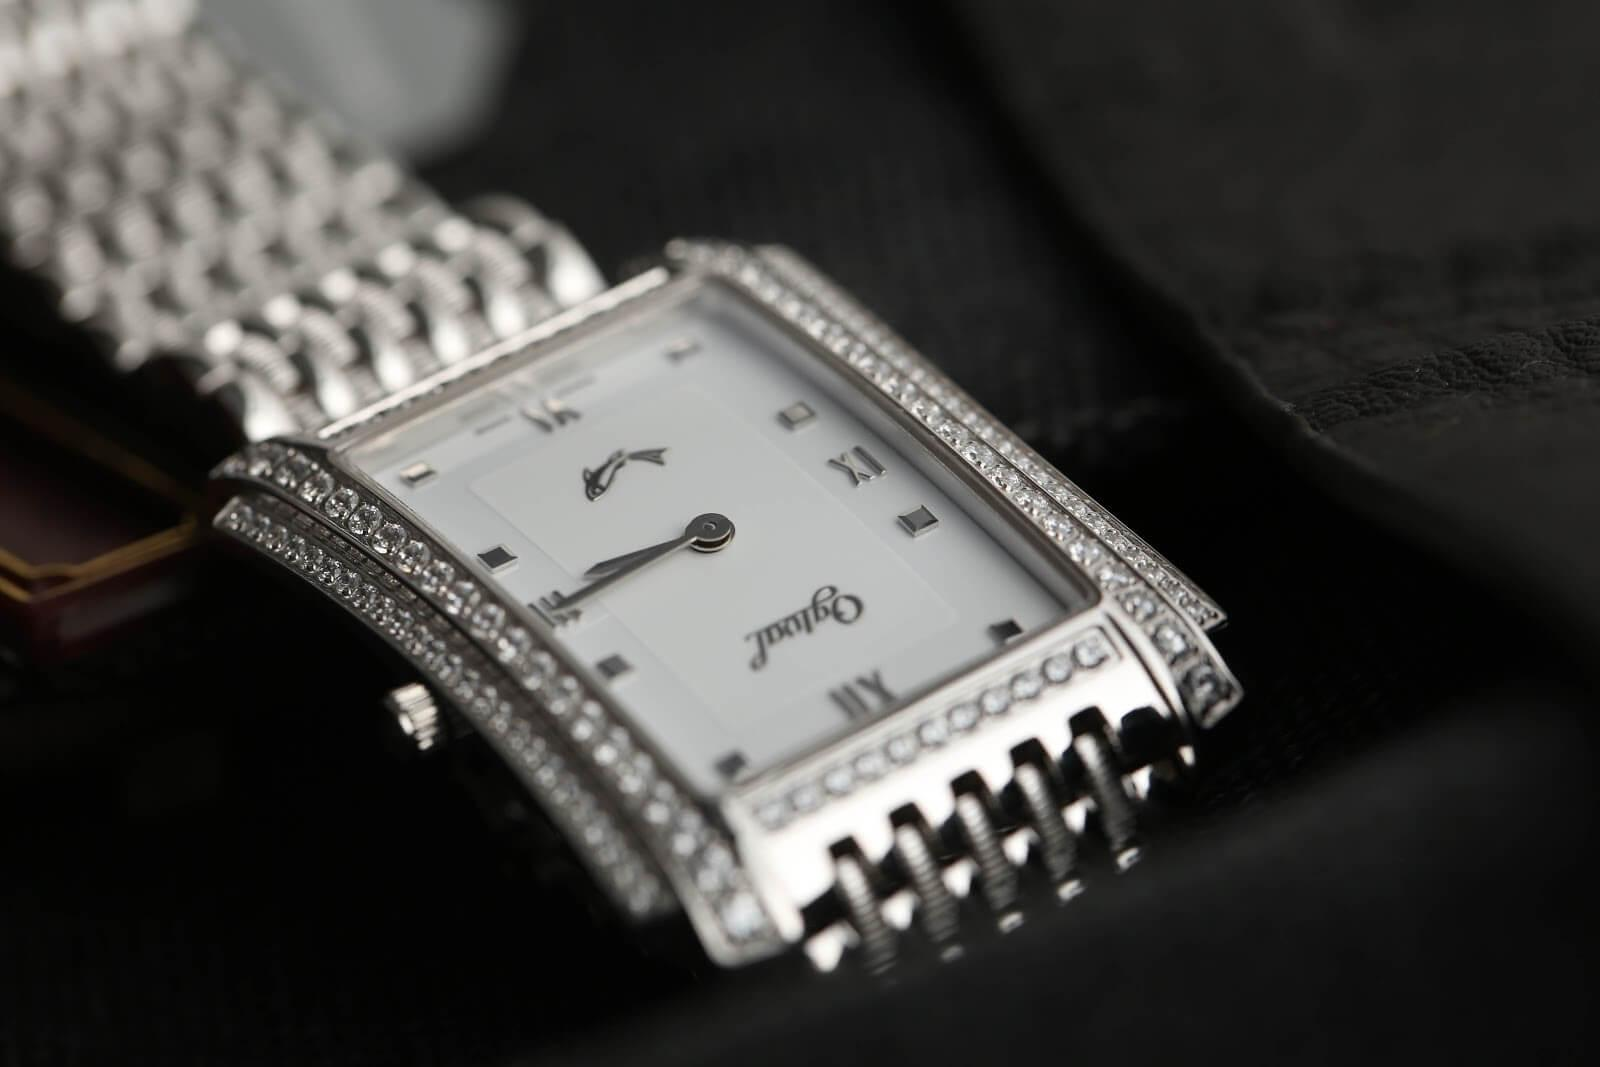 Đồng hồ Thụy sỹ sở hữu những thiết kế độc đáo